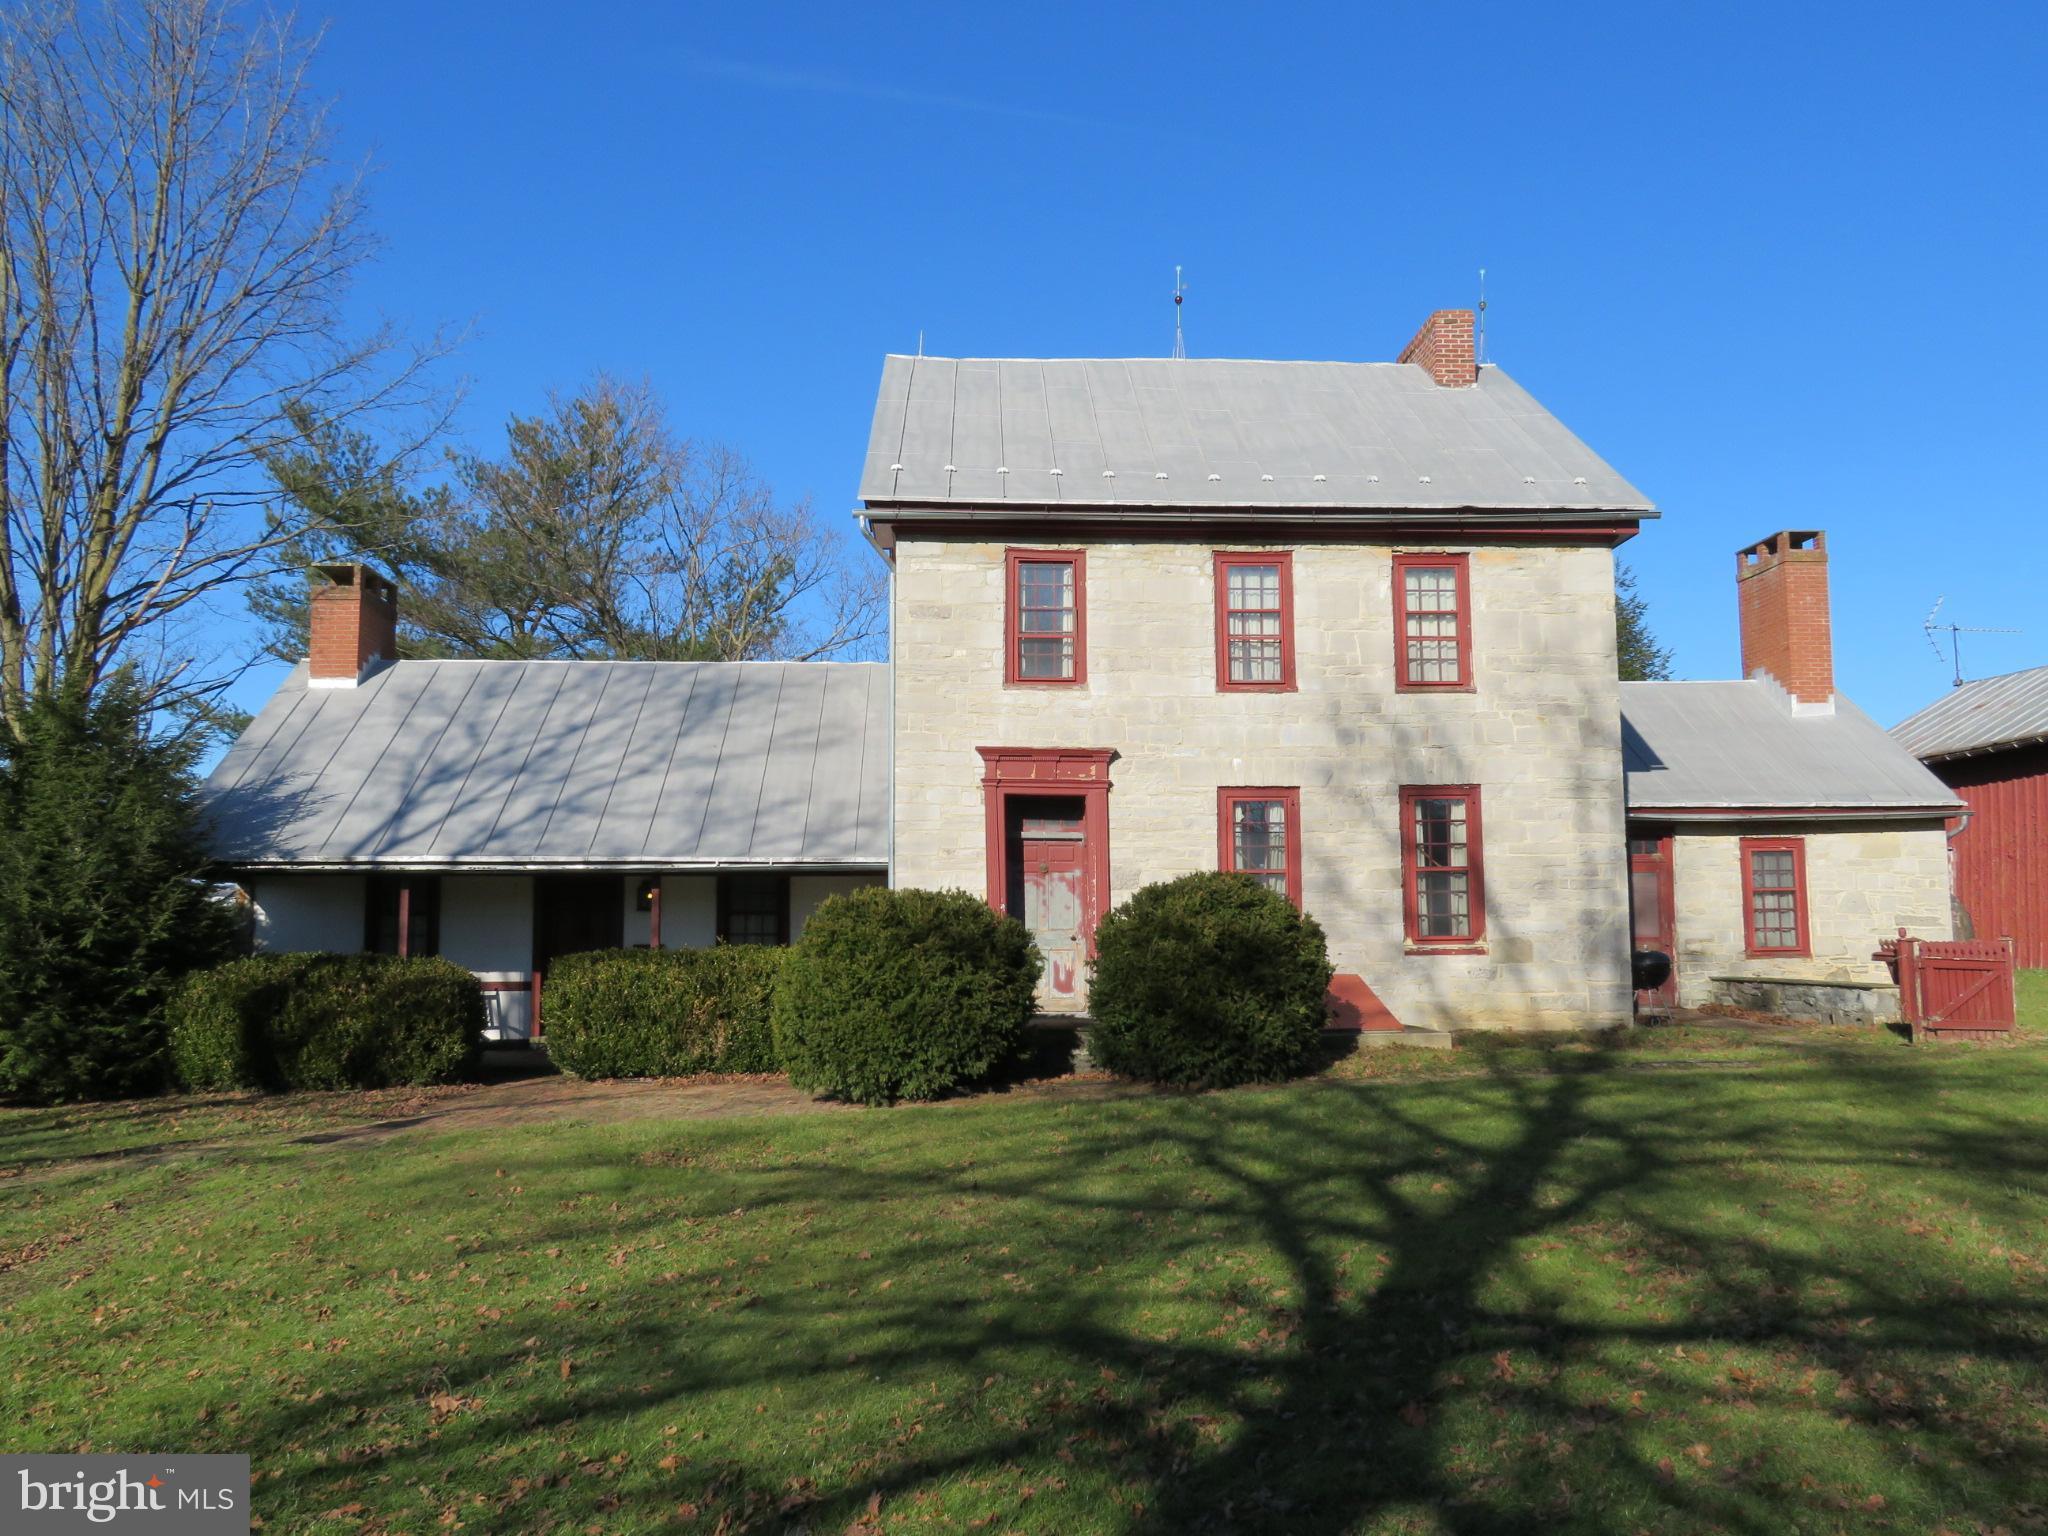 760 Koch Rd, Turbotville, PA, 17772